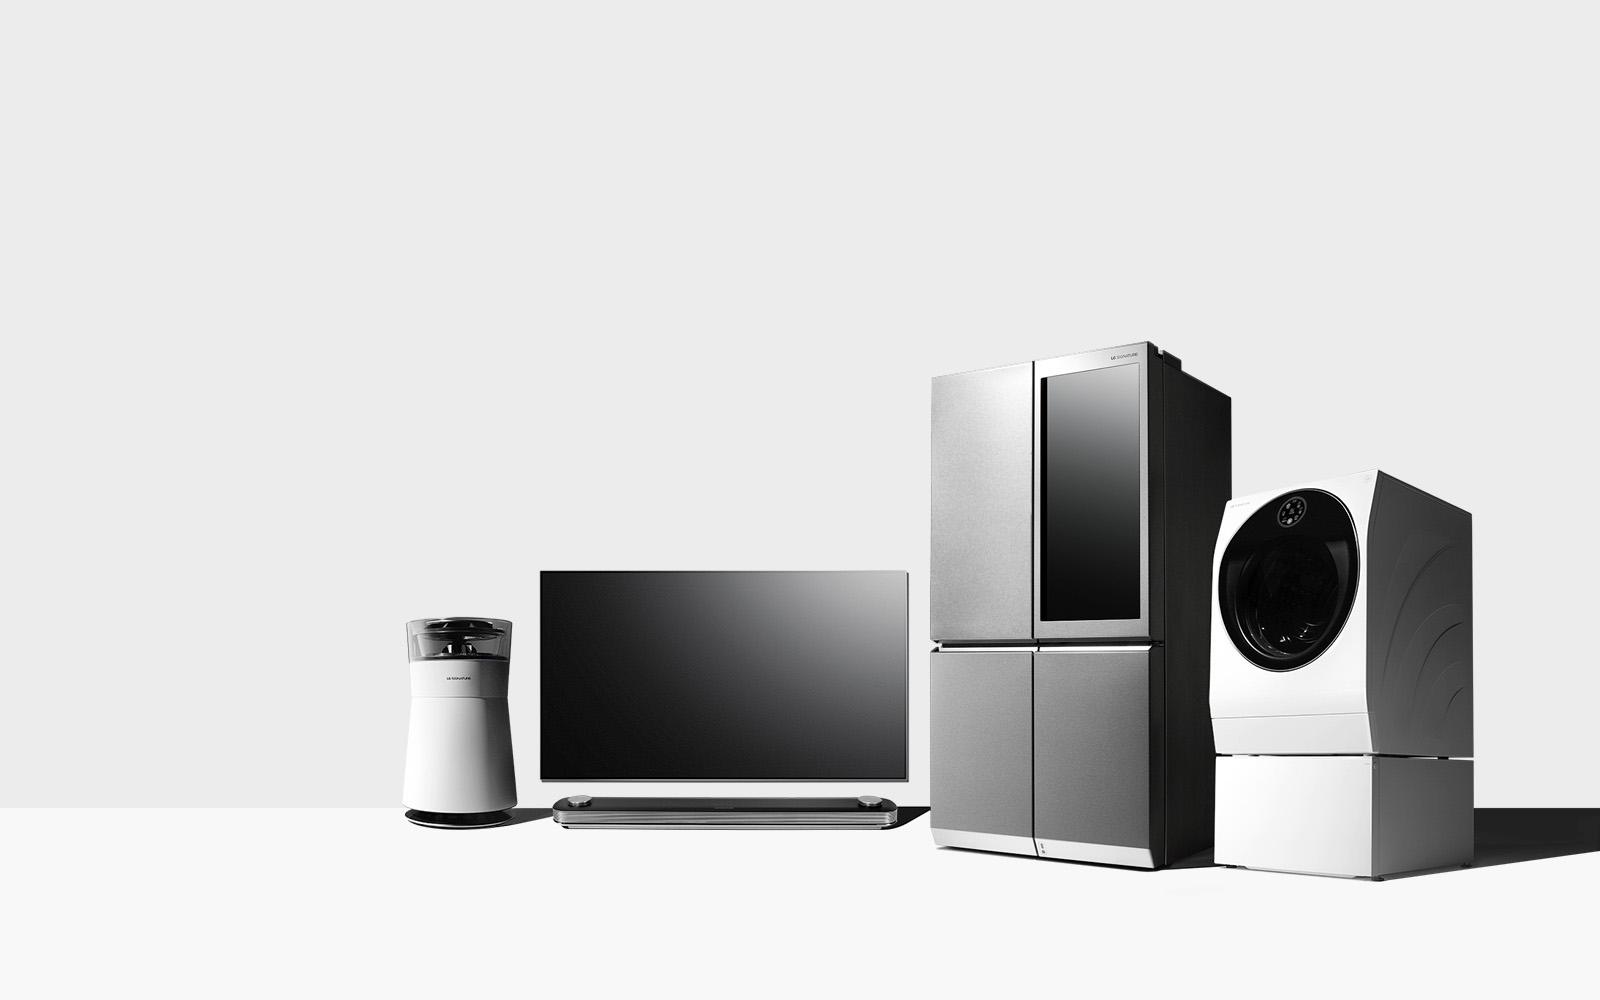 LGSignature — премиальные итехнологичныерешения компании